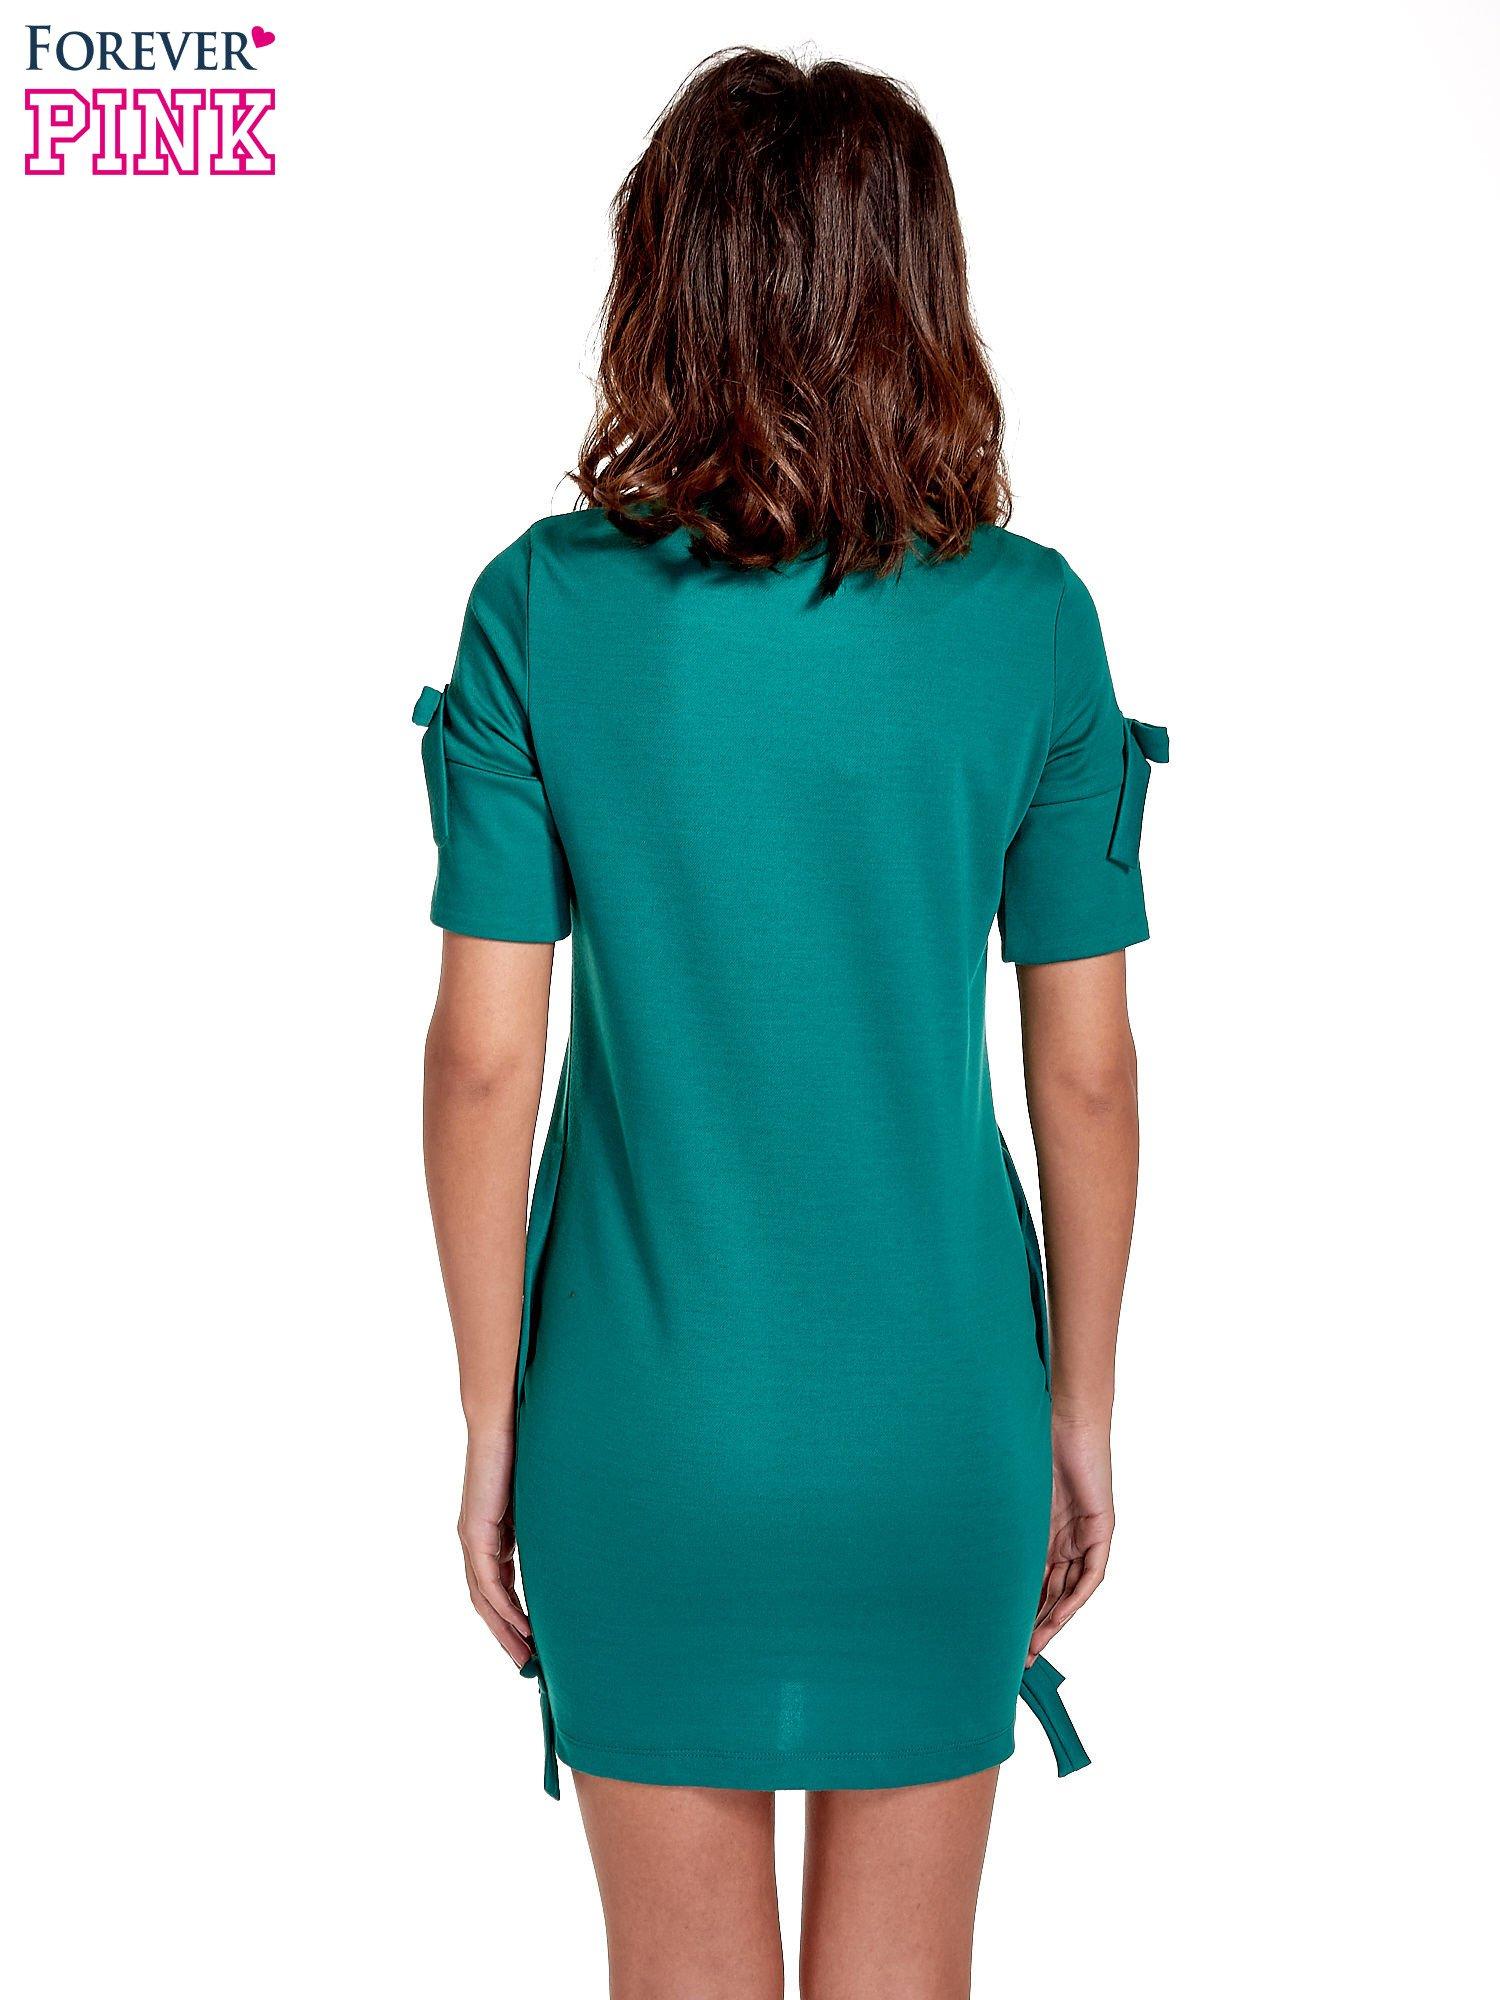 Zielona sukienka z kokardkami                                  zdj.                                  2